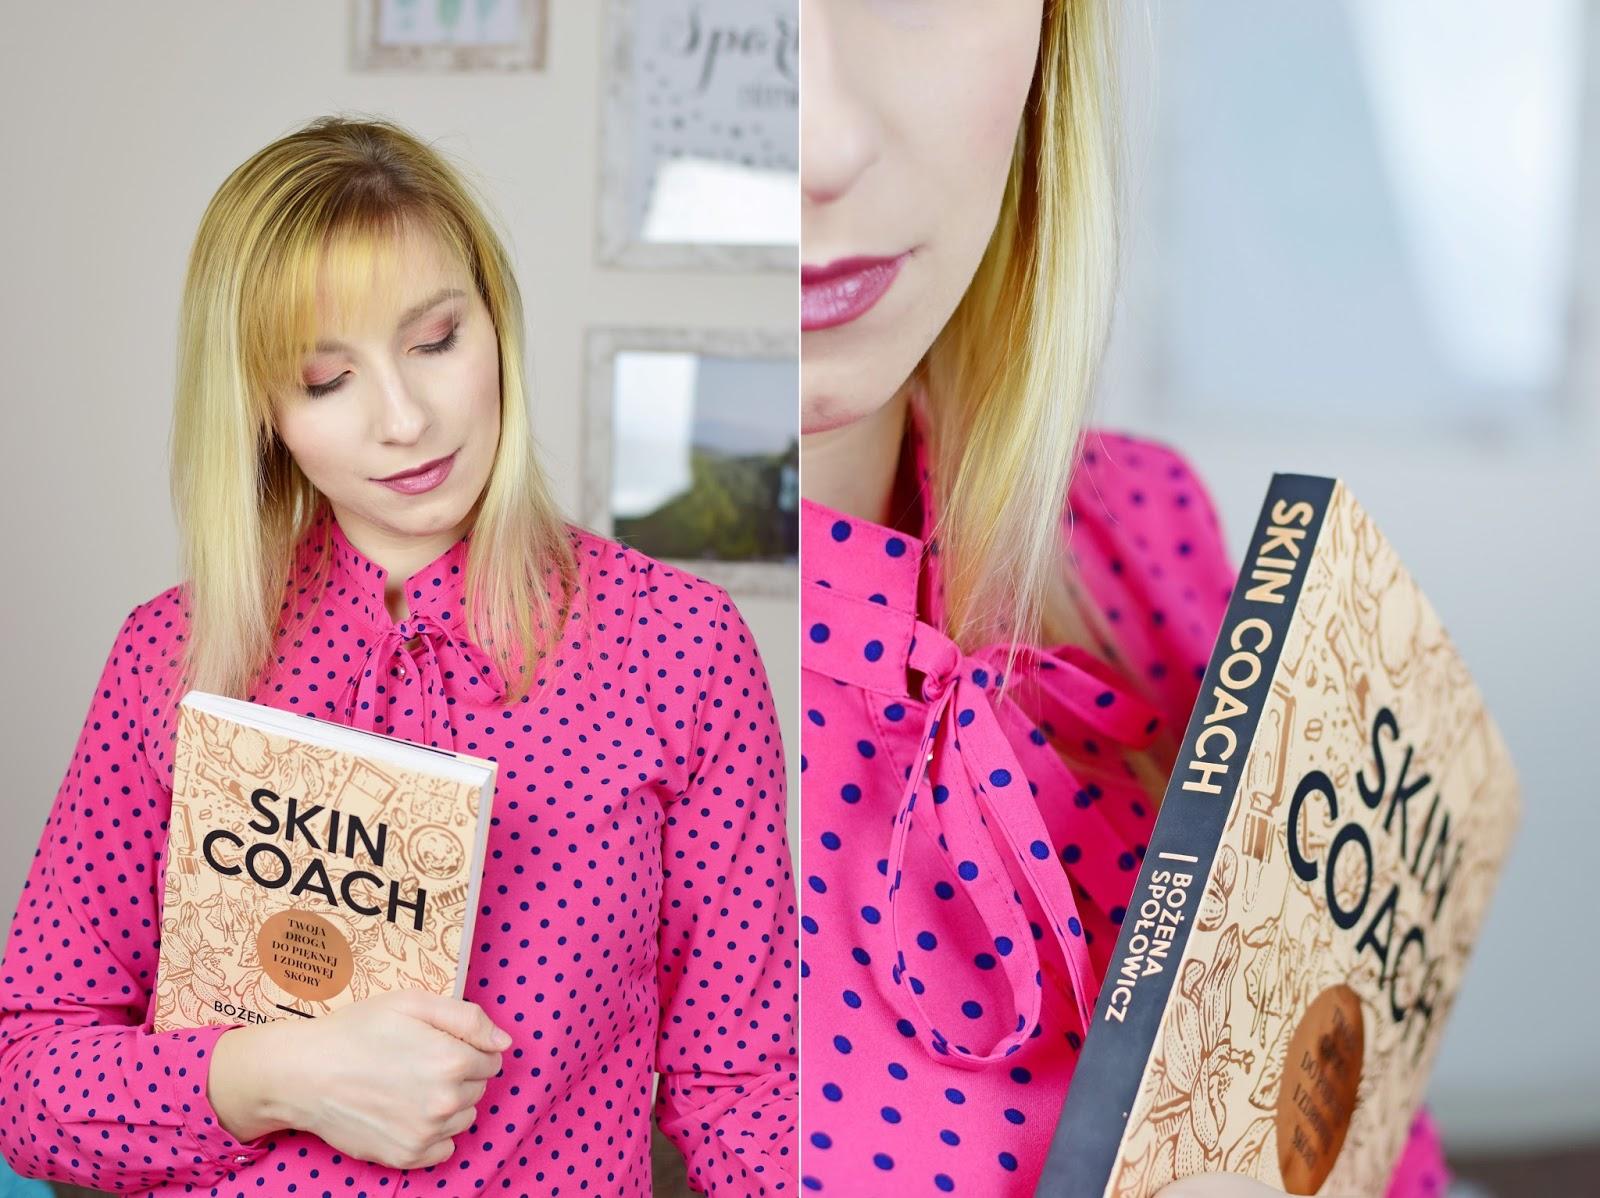 bożena_społowicz_skin_couch_książka_recenzja_opinia_blog